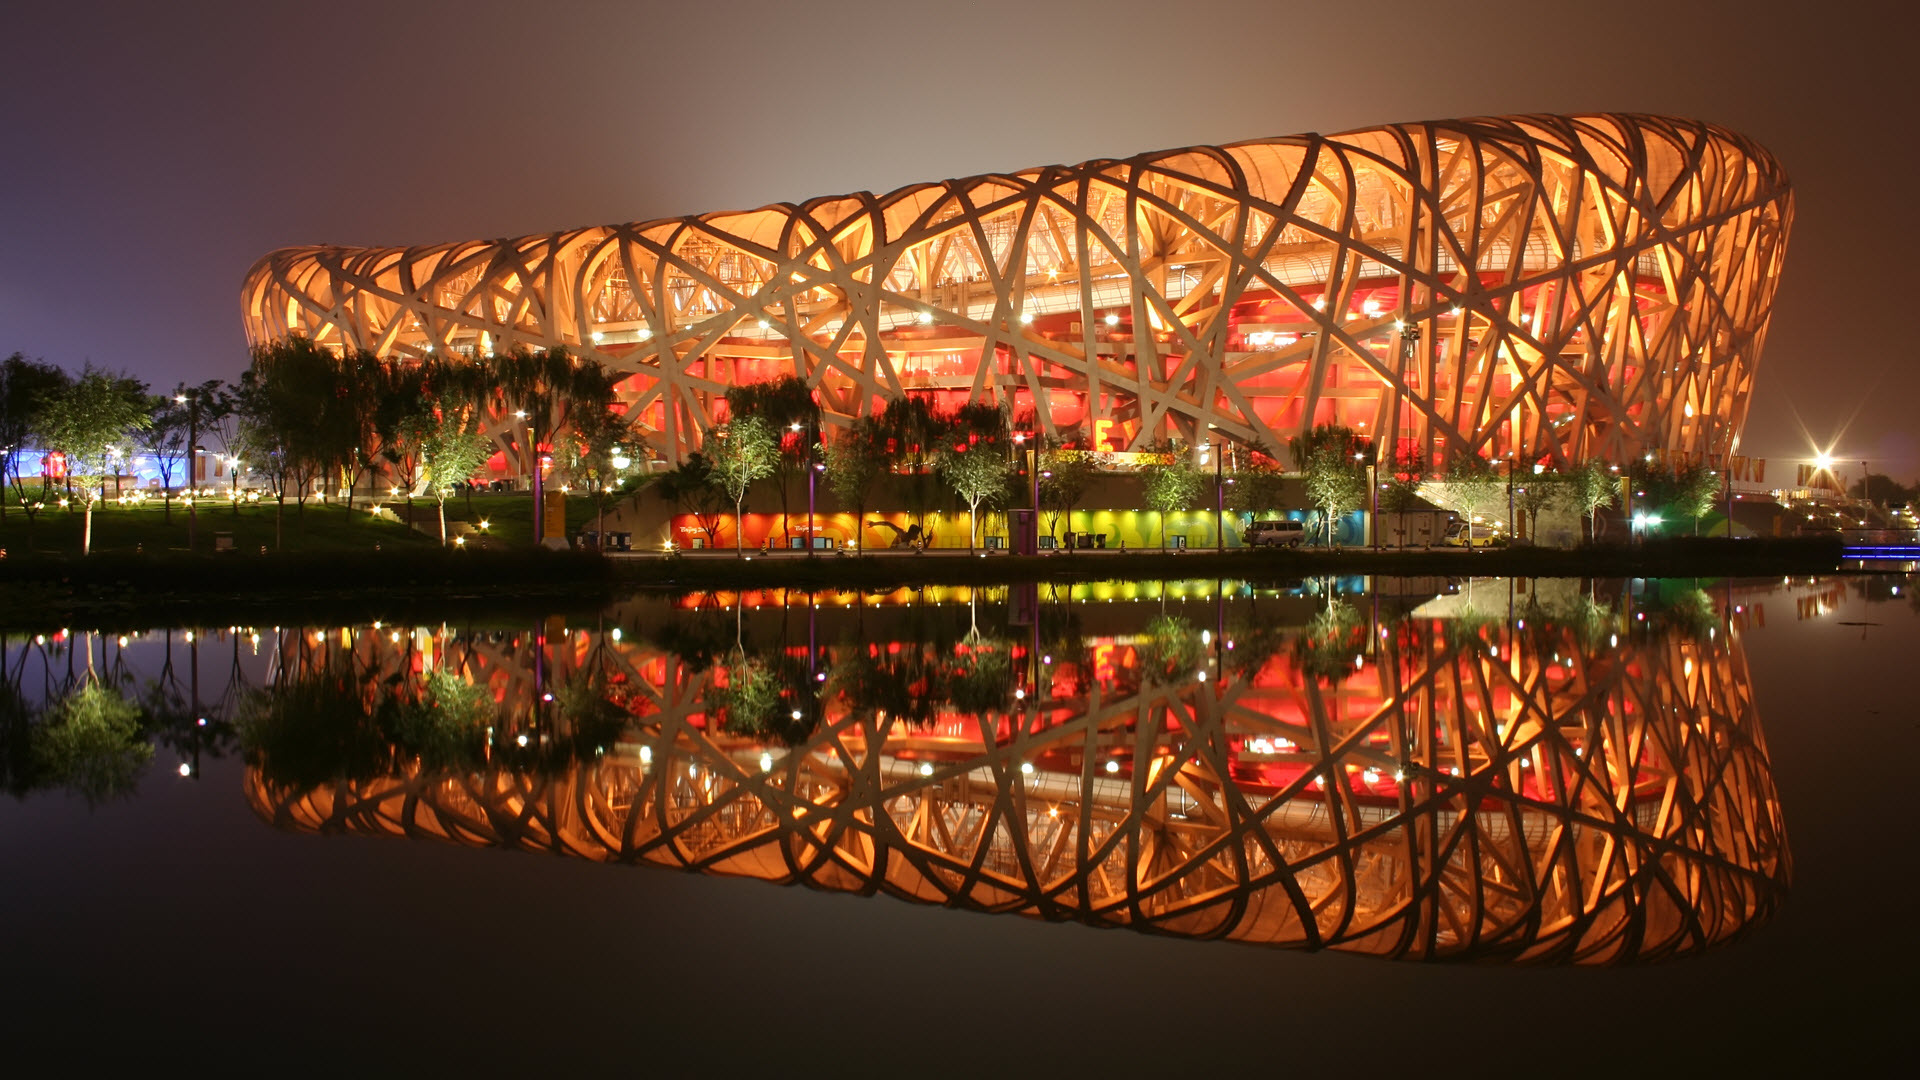 Beijing bird's nest photo